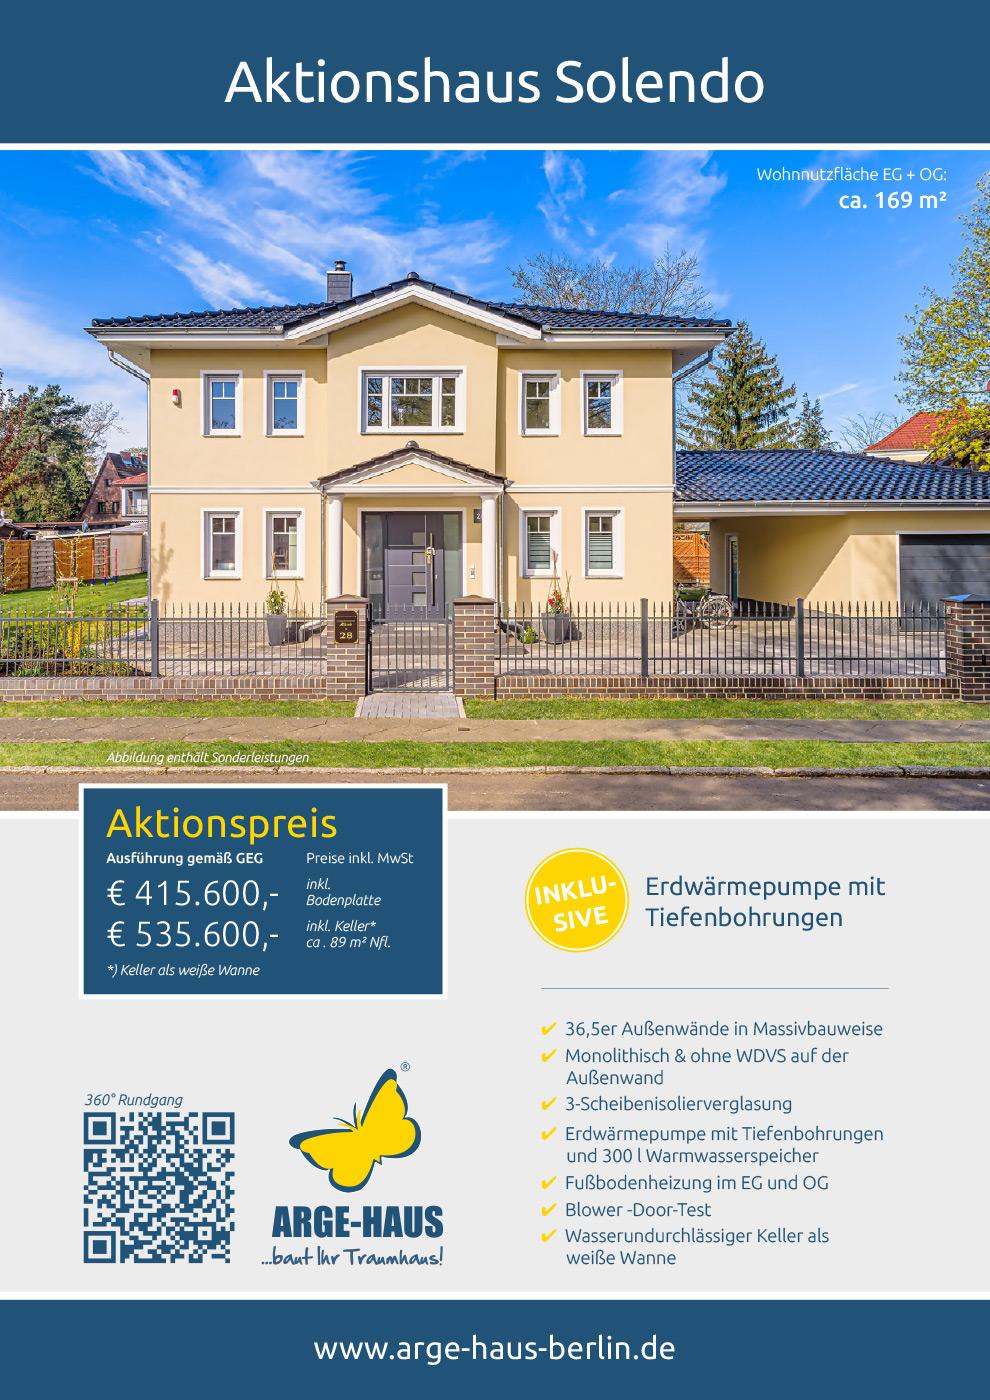 aktionshaus-solendo-1